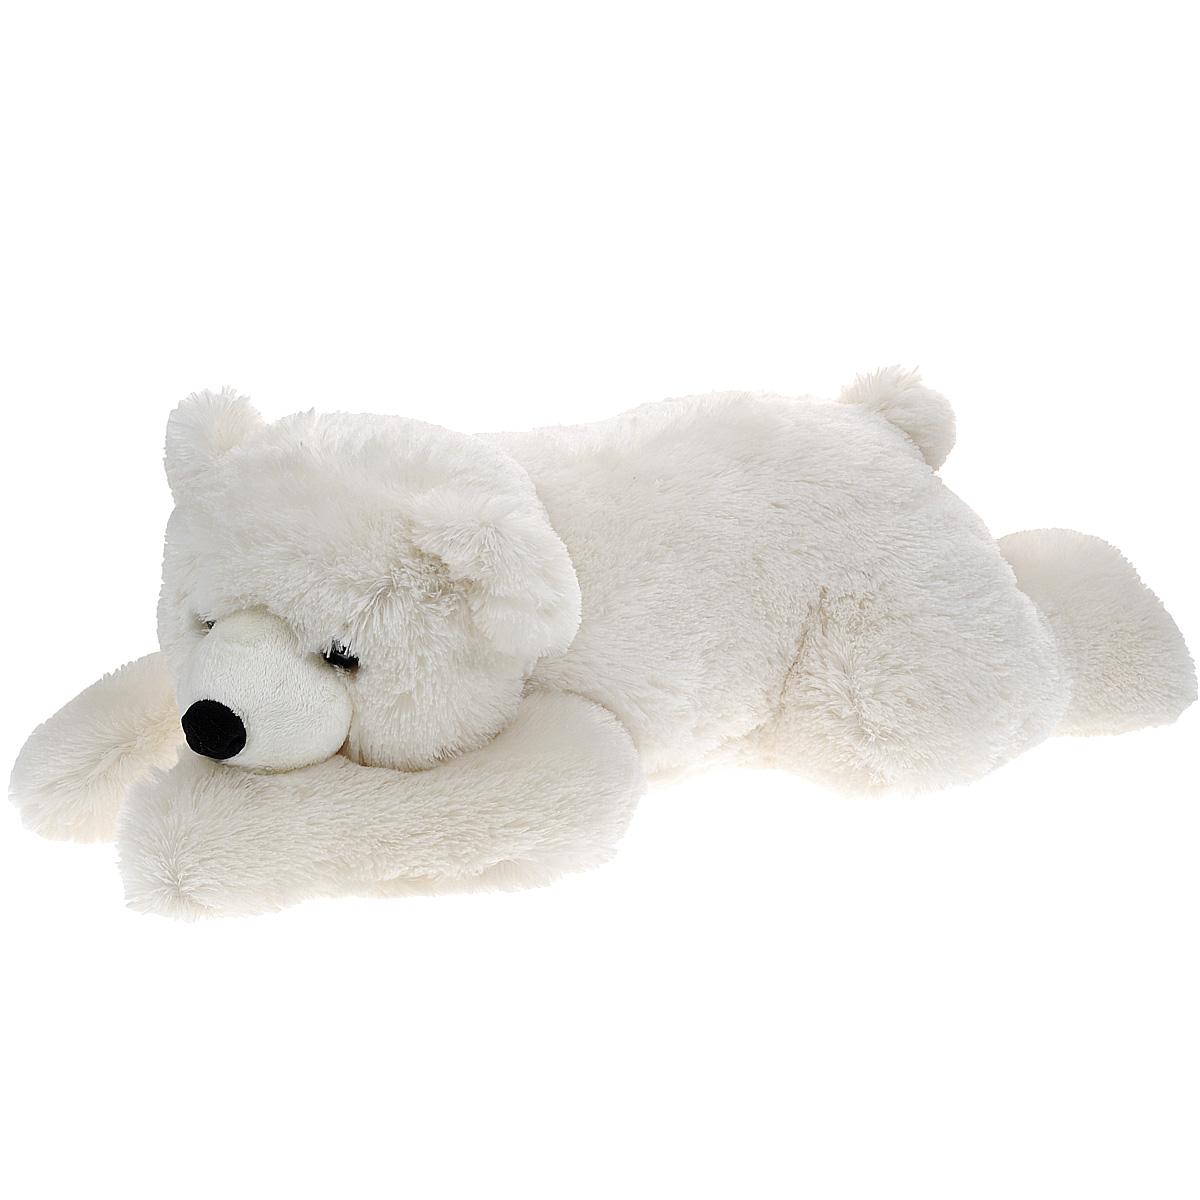 Мягкая игрушка Aurora Медведь, лежачий, цвет: белый, 65 см301-07Очаровательная мягкая игрушка Медведь, выполненная в виде медвежонка белого цвета, вызовет умиление и улыбку у каждого, кто ее увидит. Удивительно мягкая игрушка принесет радость и подарит своему обладателю мгновения нежных объятий и приятных воспоминаний. Она выполнена из экологически чистых материалов - плюша с набивкой из гипоаллергенного синтепона и пластмассовых гранул. Великолепное качество исполнения делают эту игрушку чудесным подарком к любому празднику.